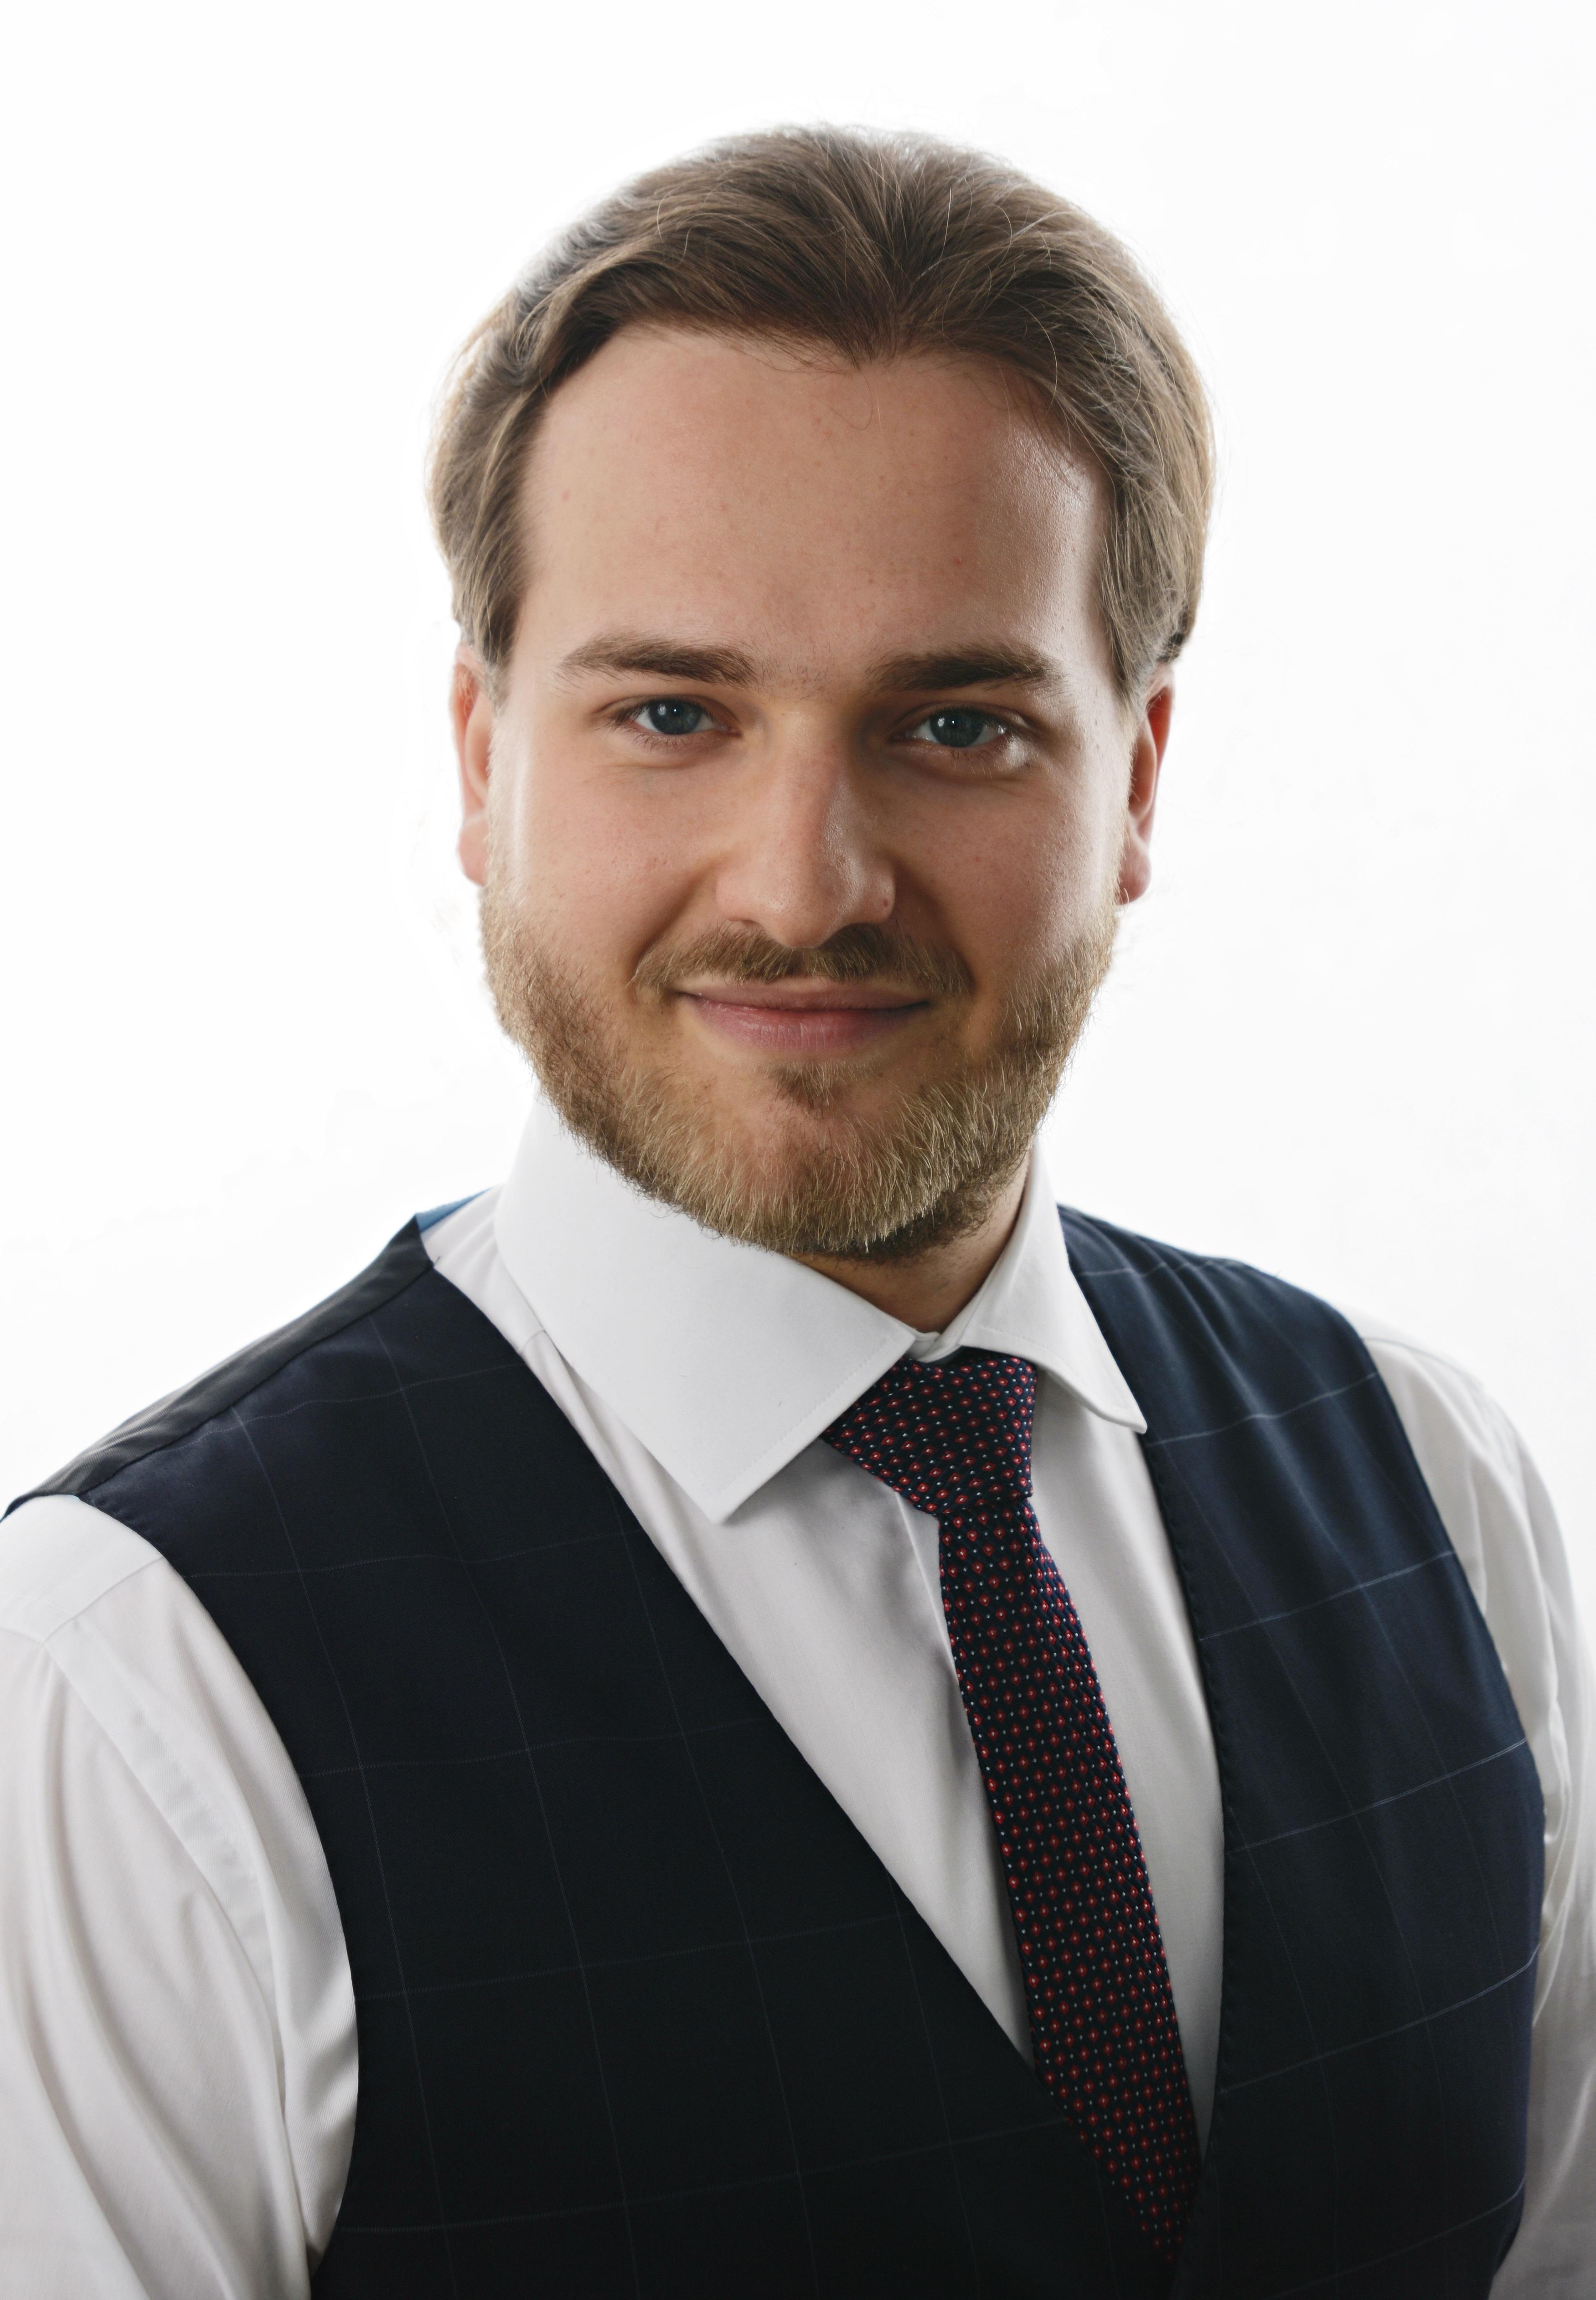 Andrzej Filonczyk